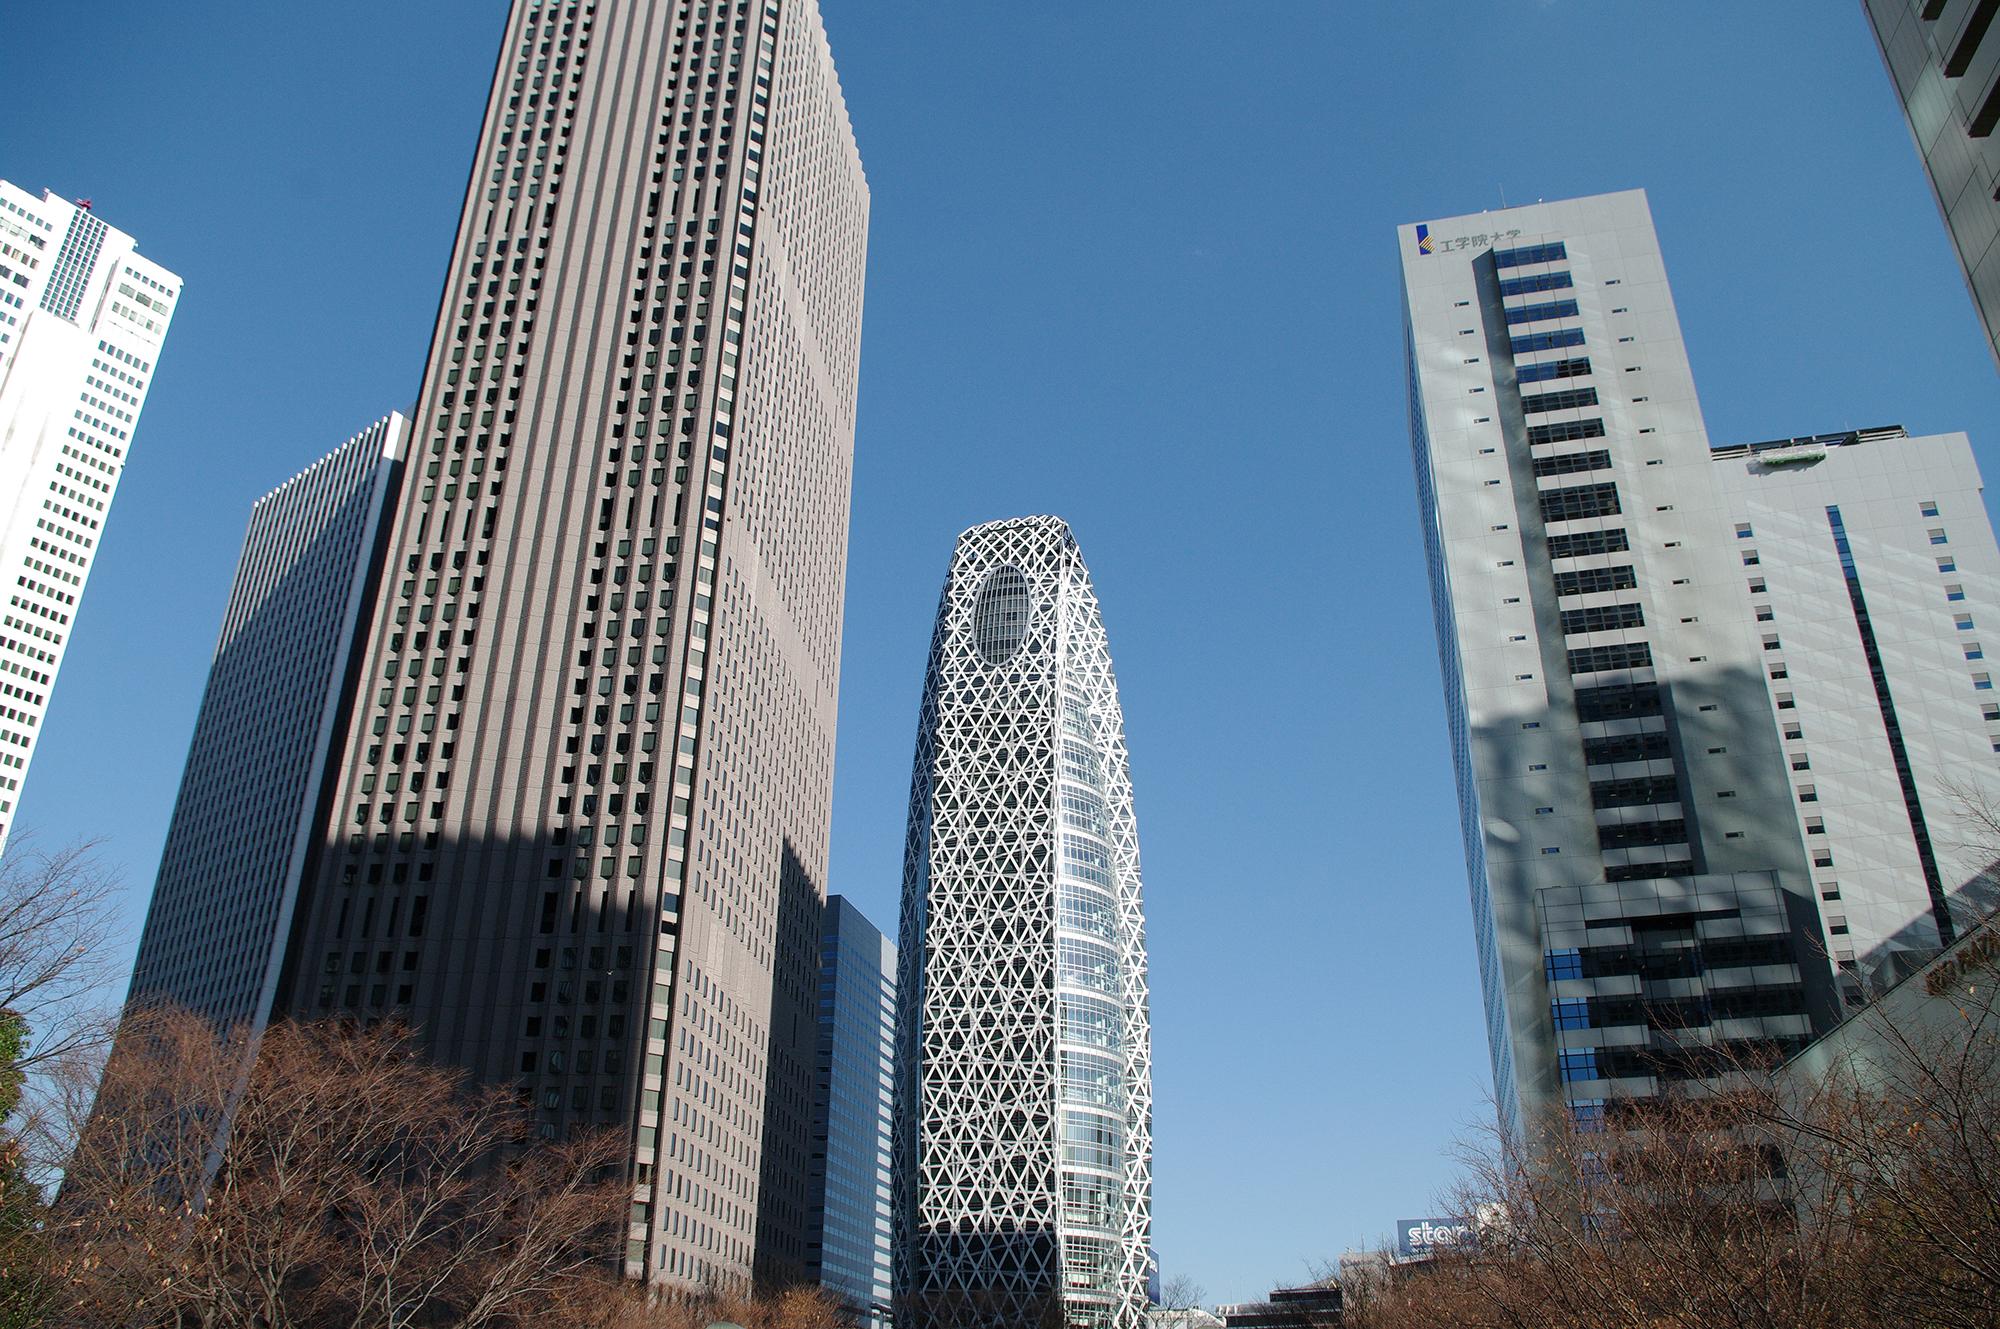 新宿の高層ビル群【S-01 新宿駅】